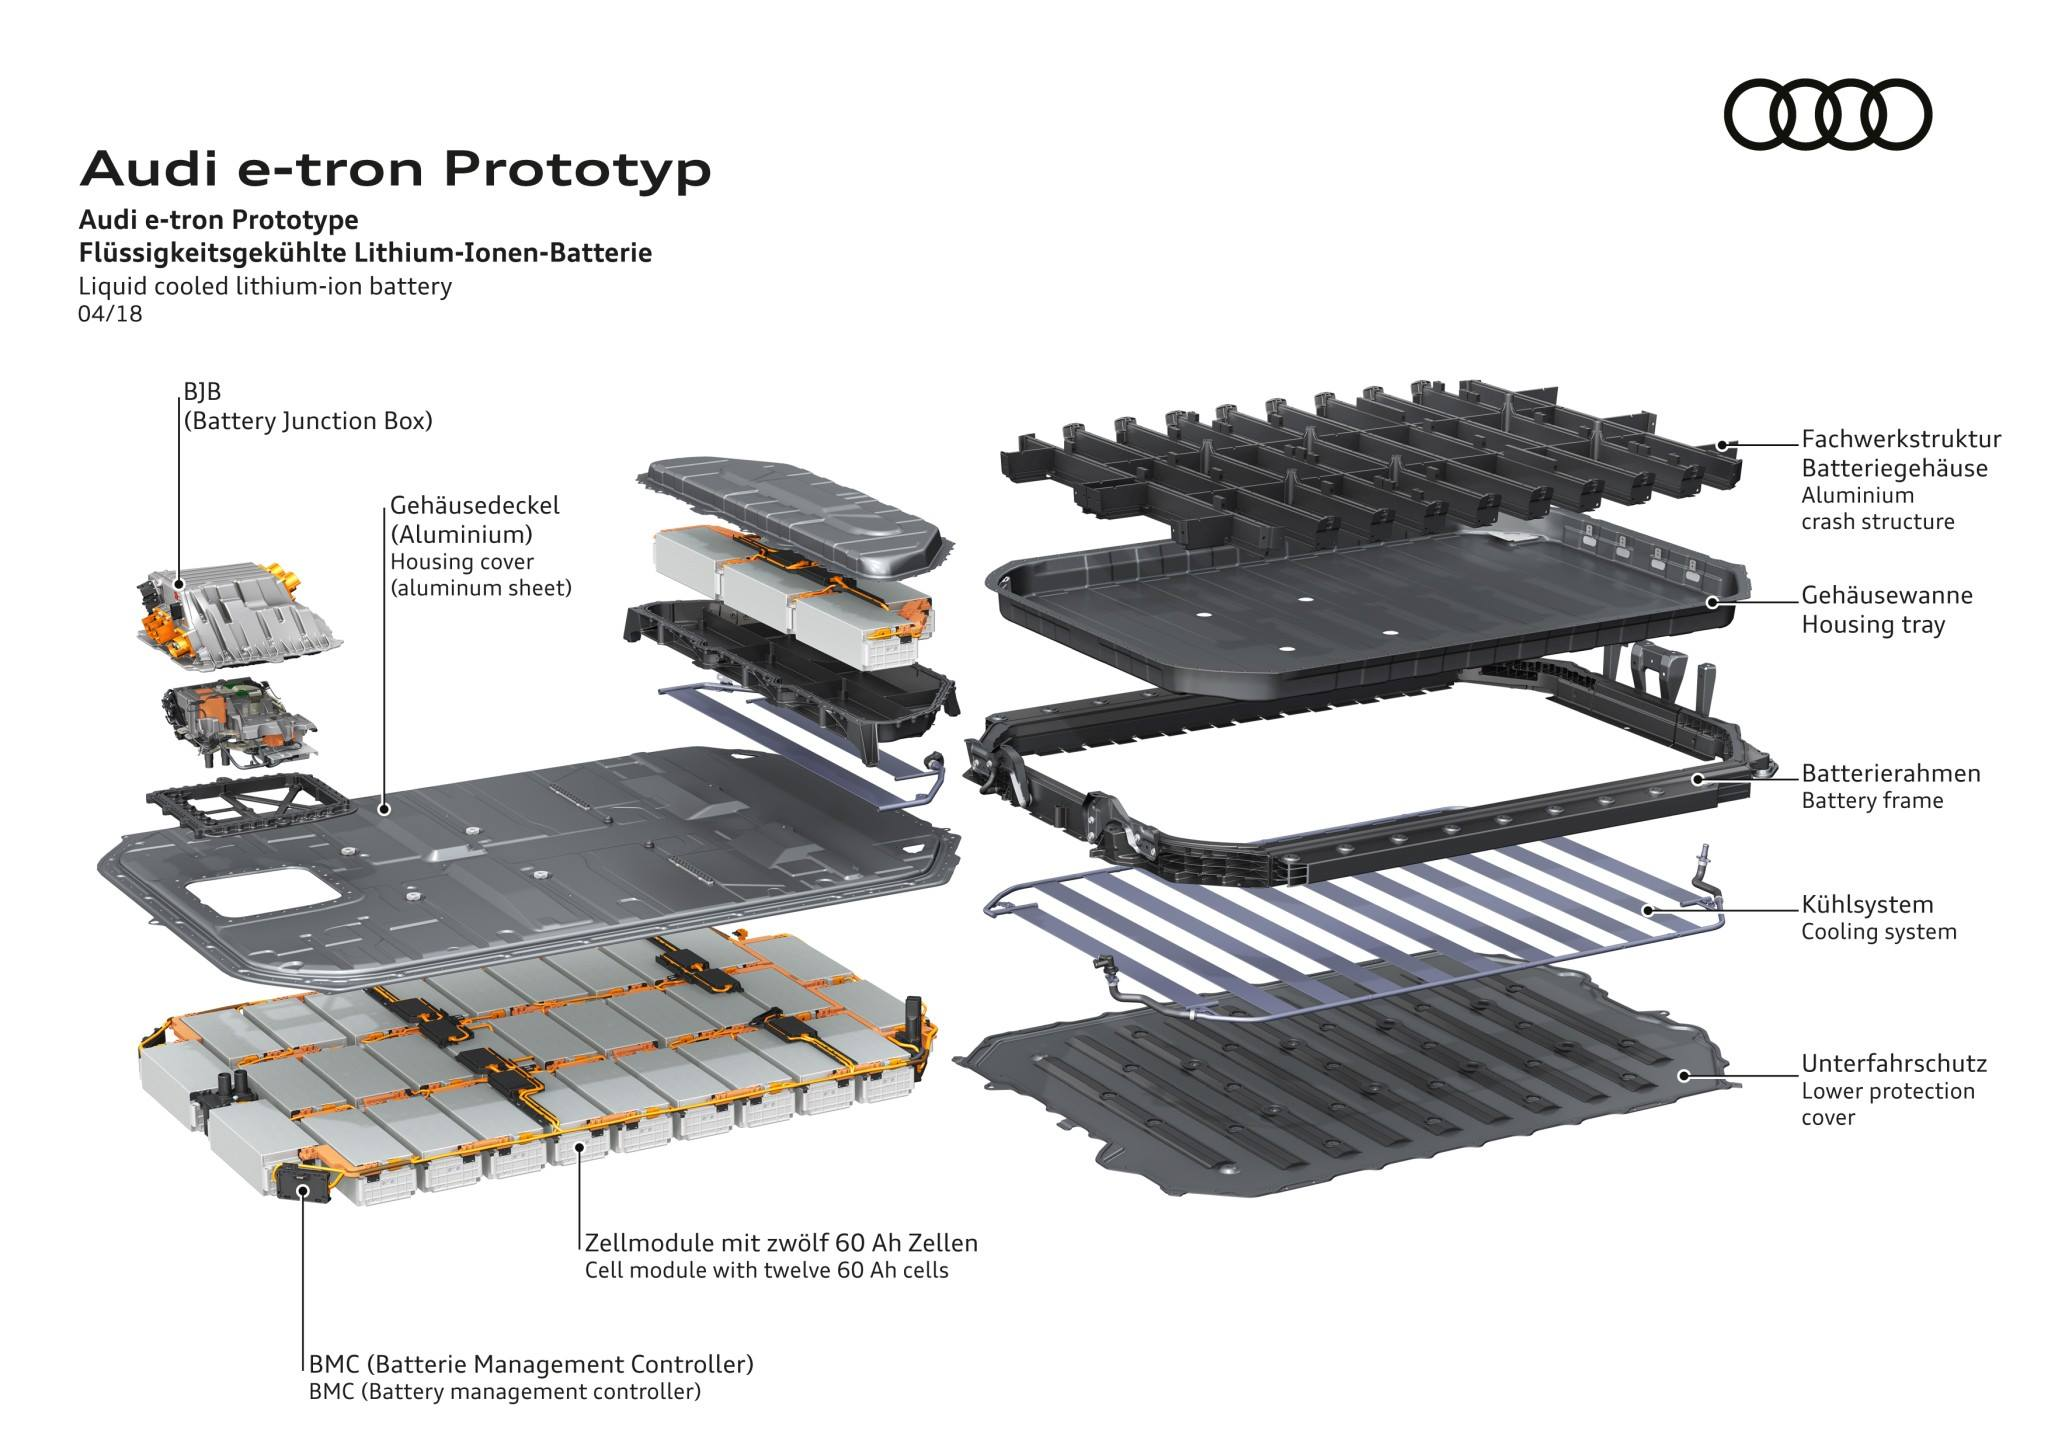 audi-e-tron-prototyp-technische-details-batterie